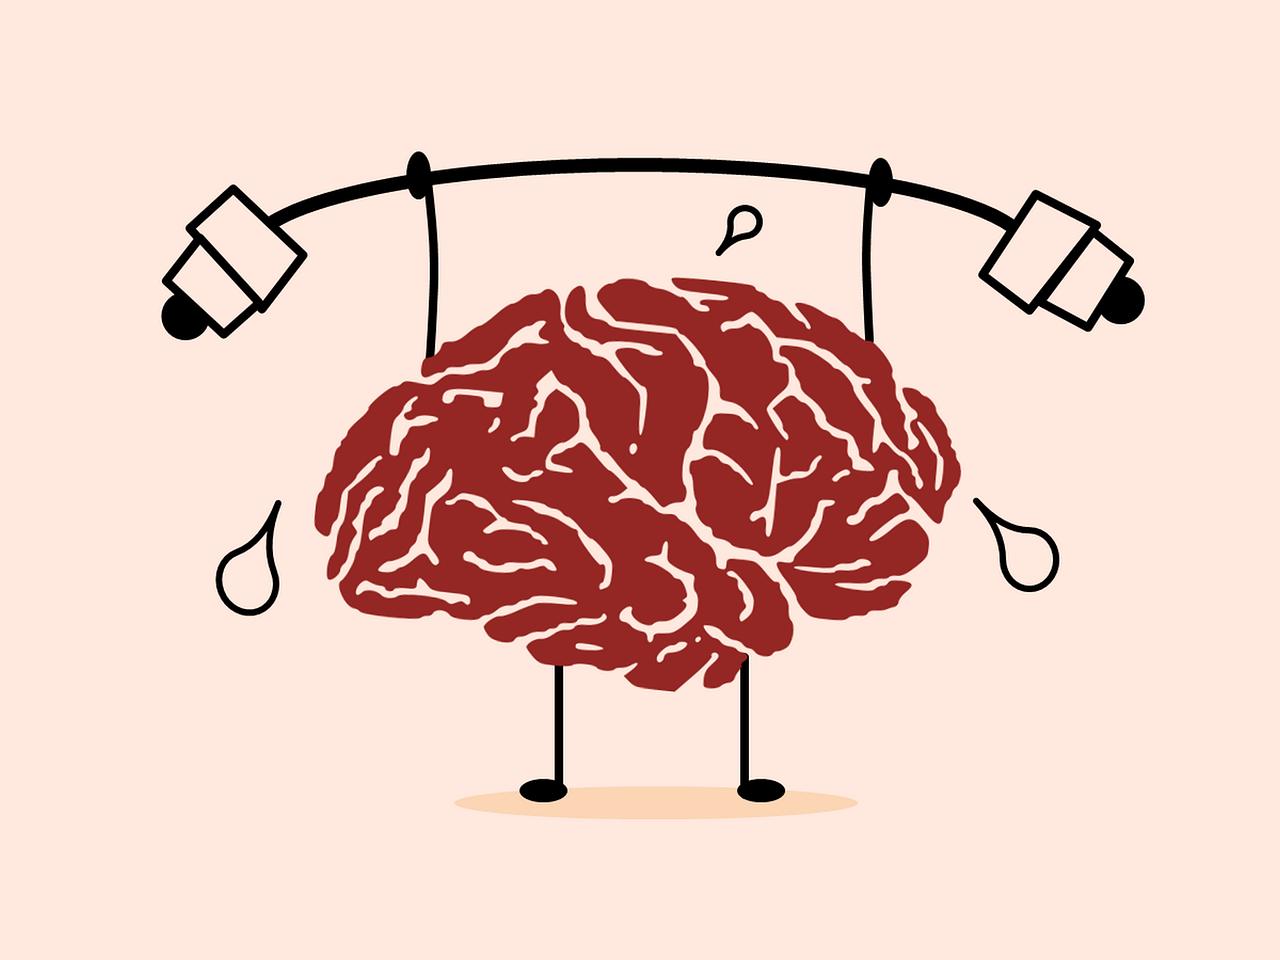 Concesio - Trauma cranico per un operaio di Concesio